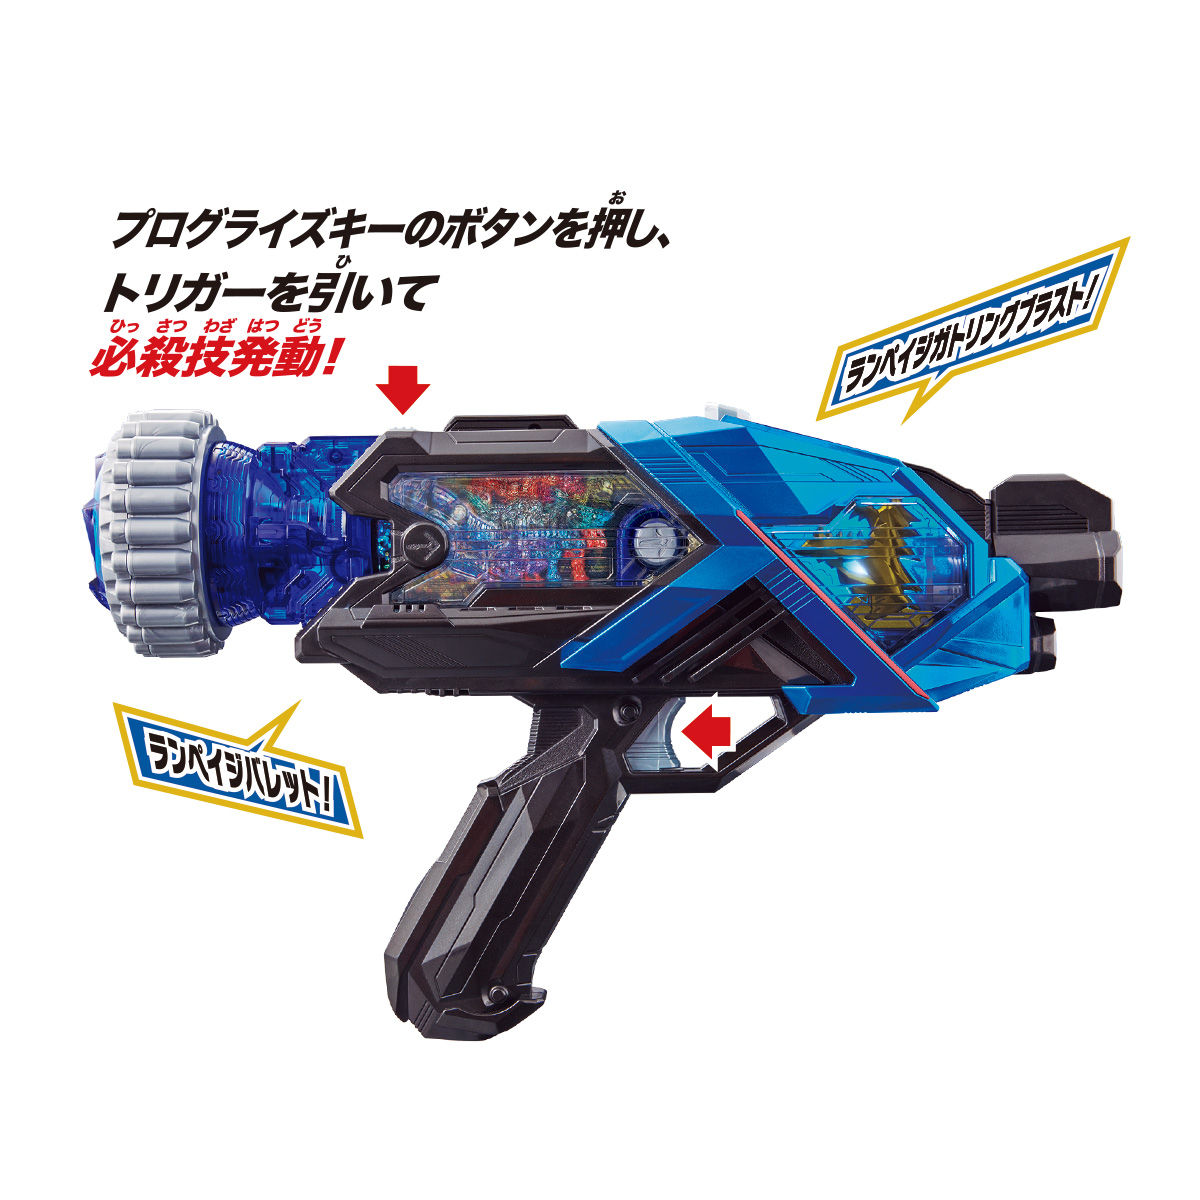 仮面ライダーゼロワン『DXランペイジガトリングプログライズキー』変身なりきり-004